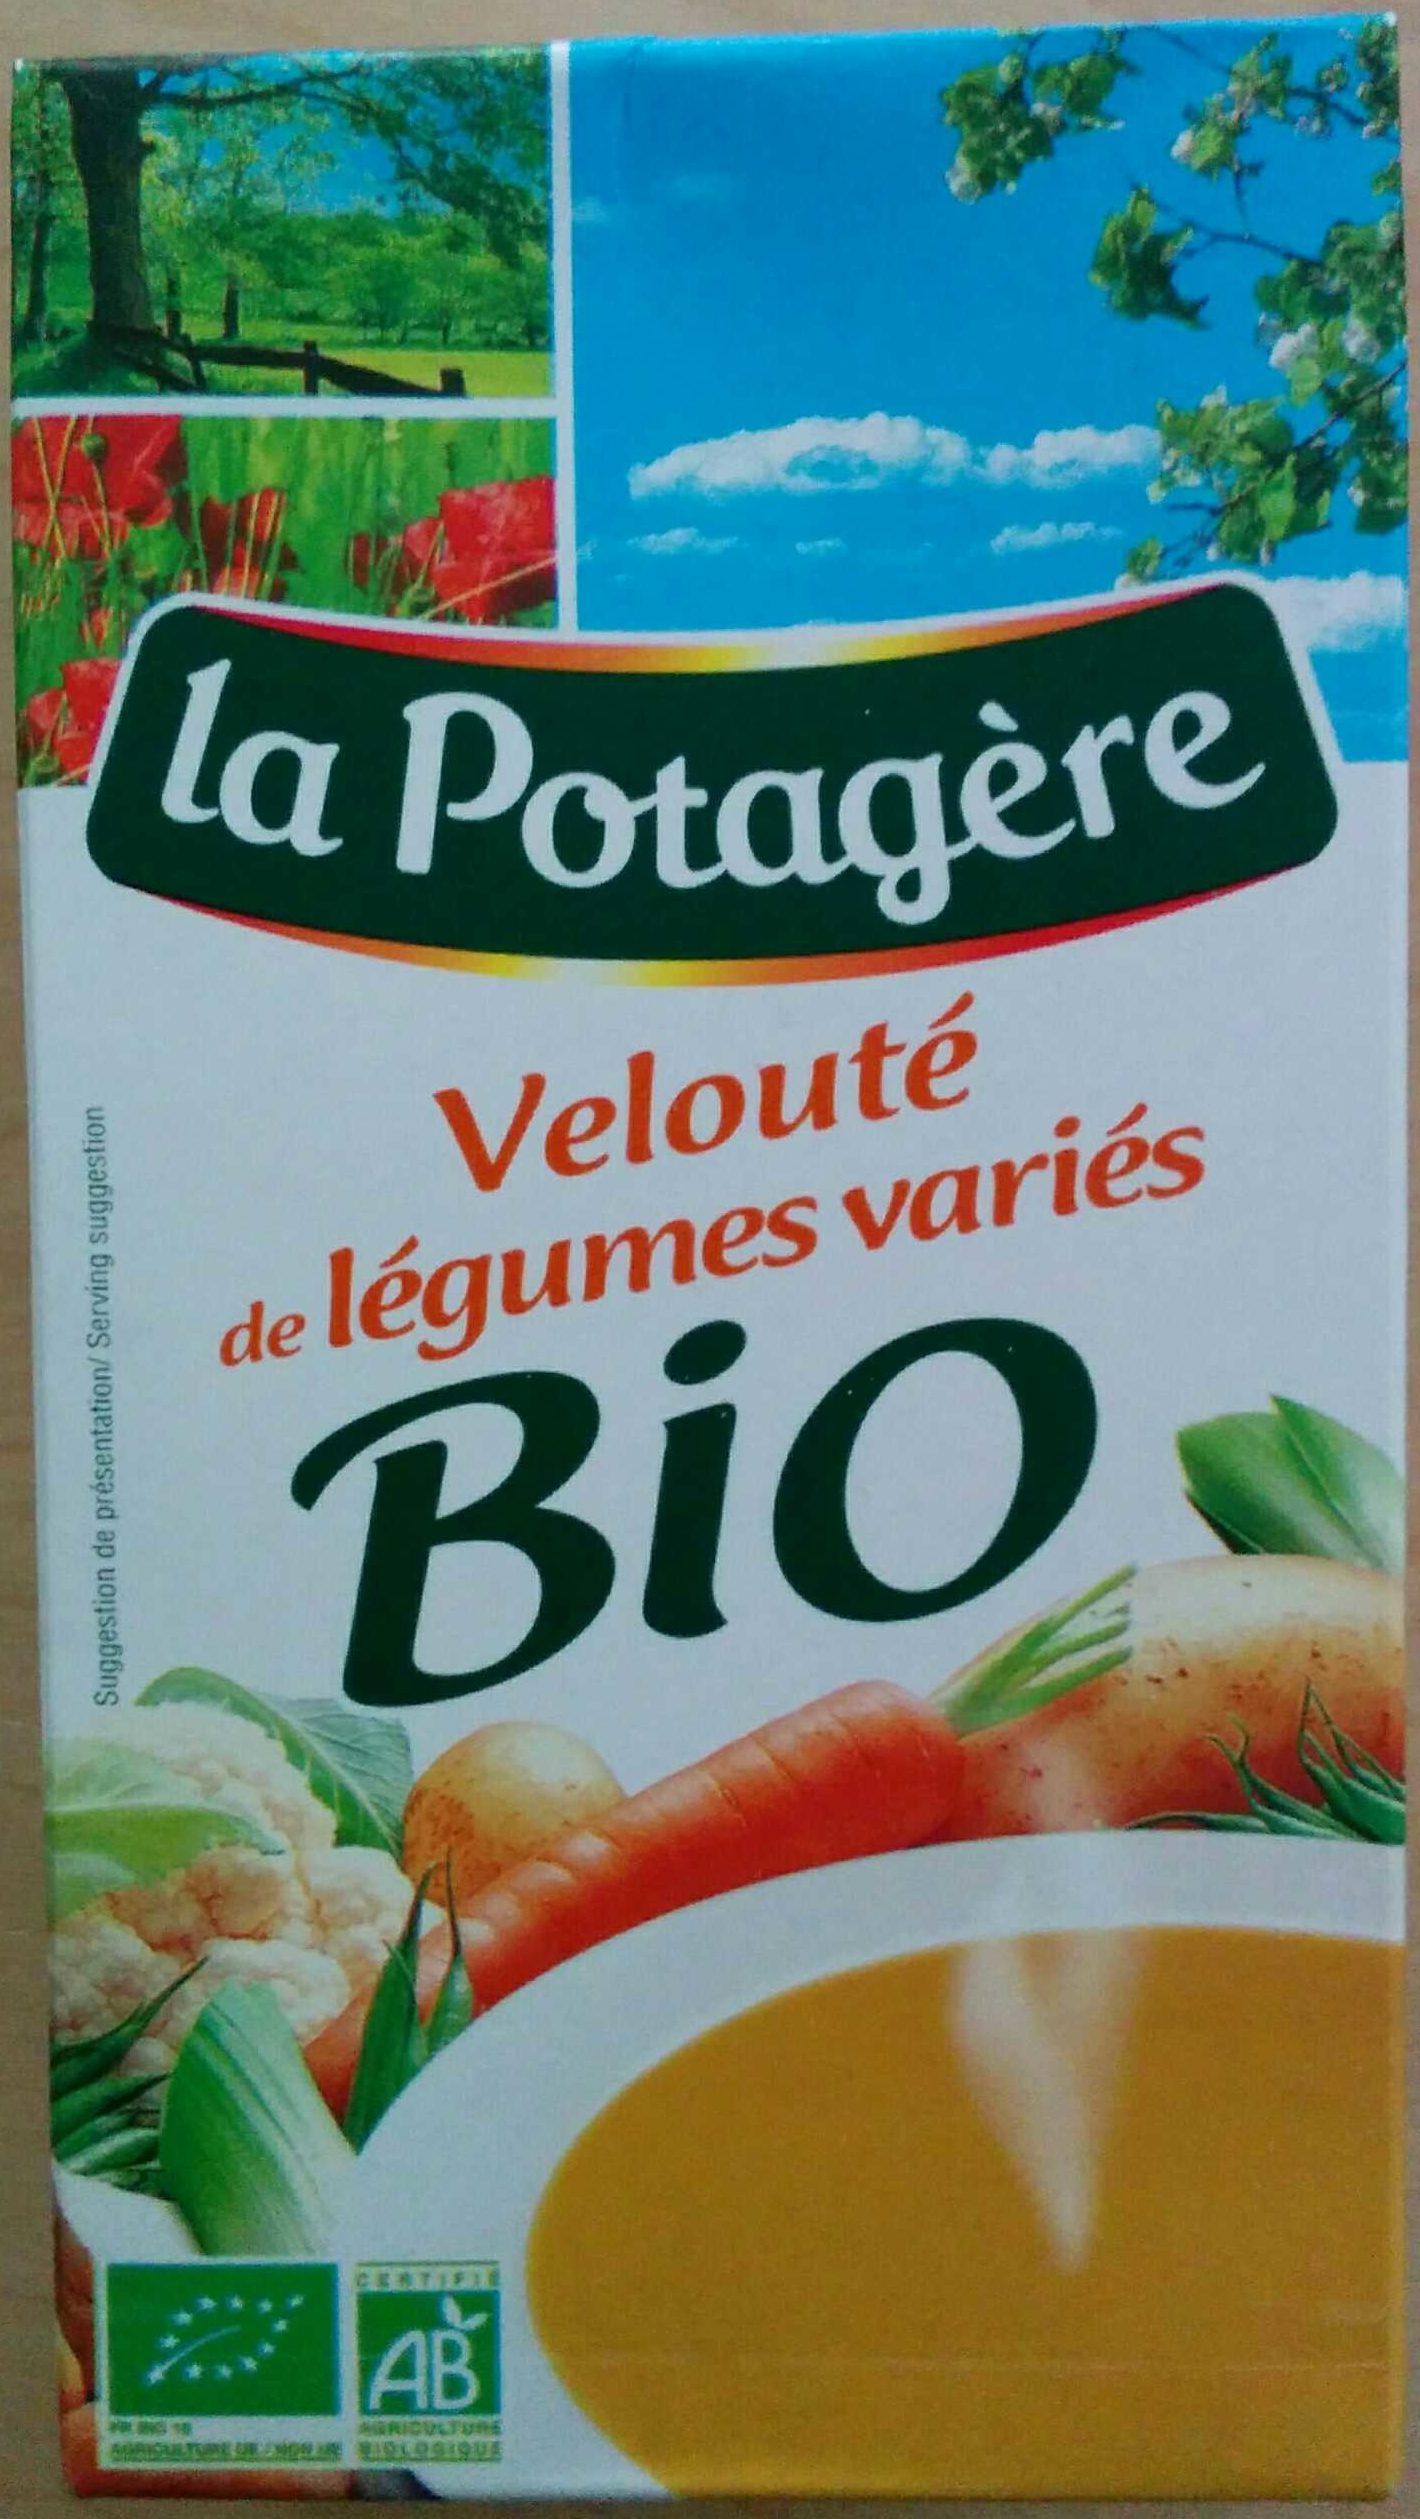 Velouté de Légumes Variés - Product - fr